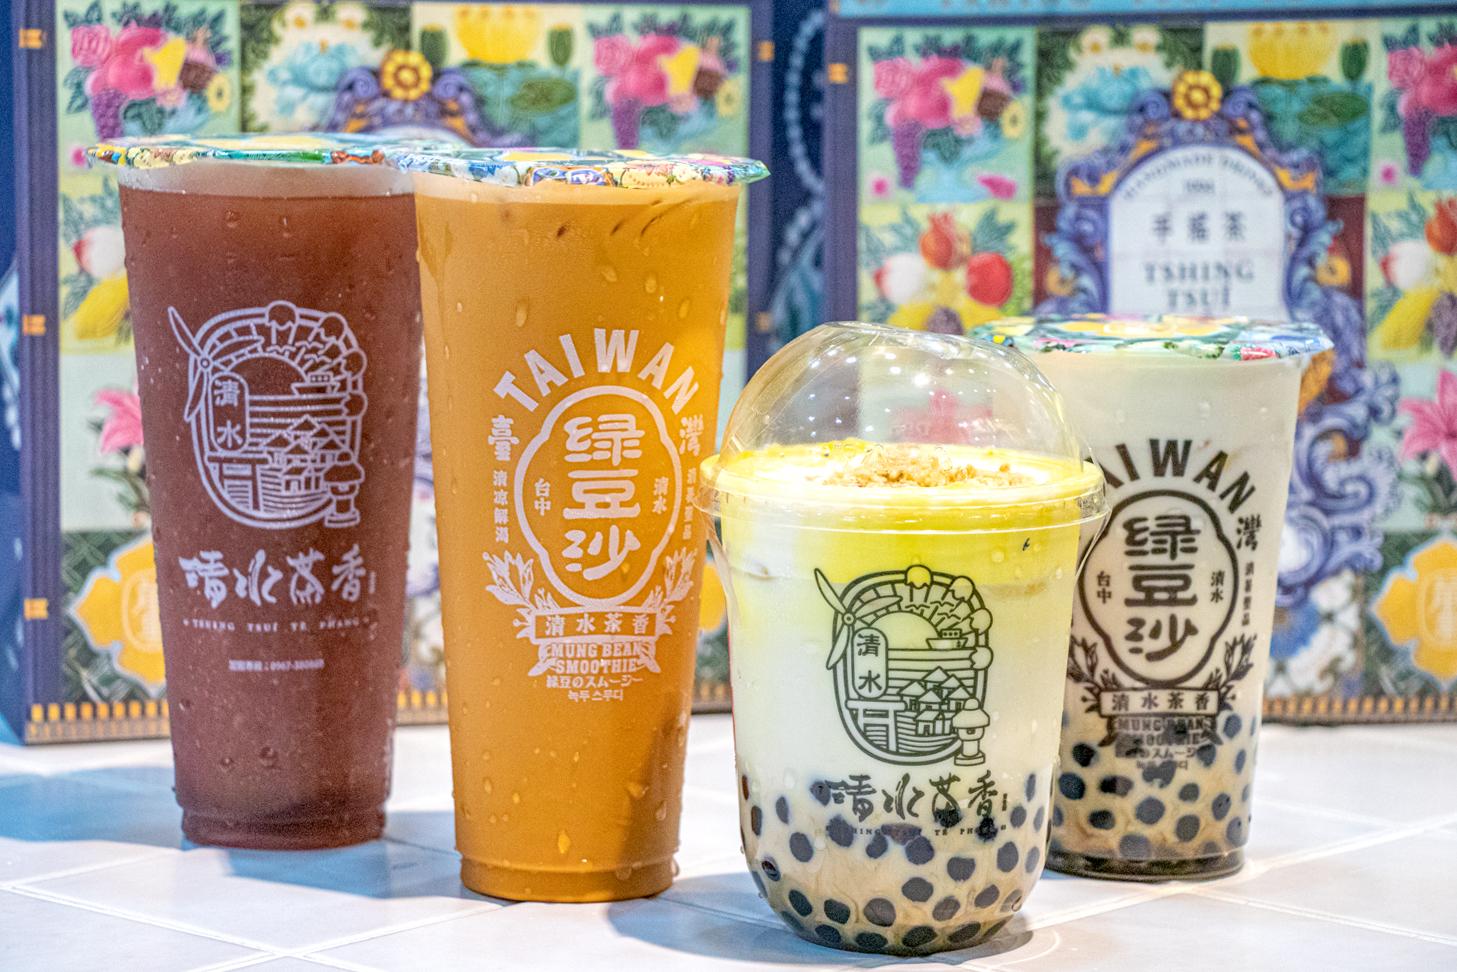 清水茶香,台中北屯昌平店全新開幕,創新飲品流心奶黃啵啵奶全新上市!